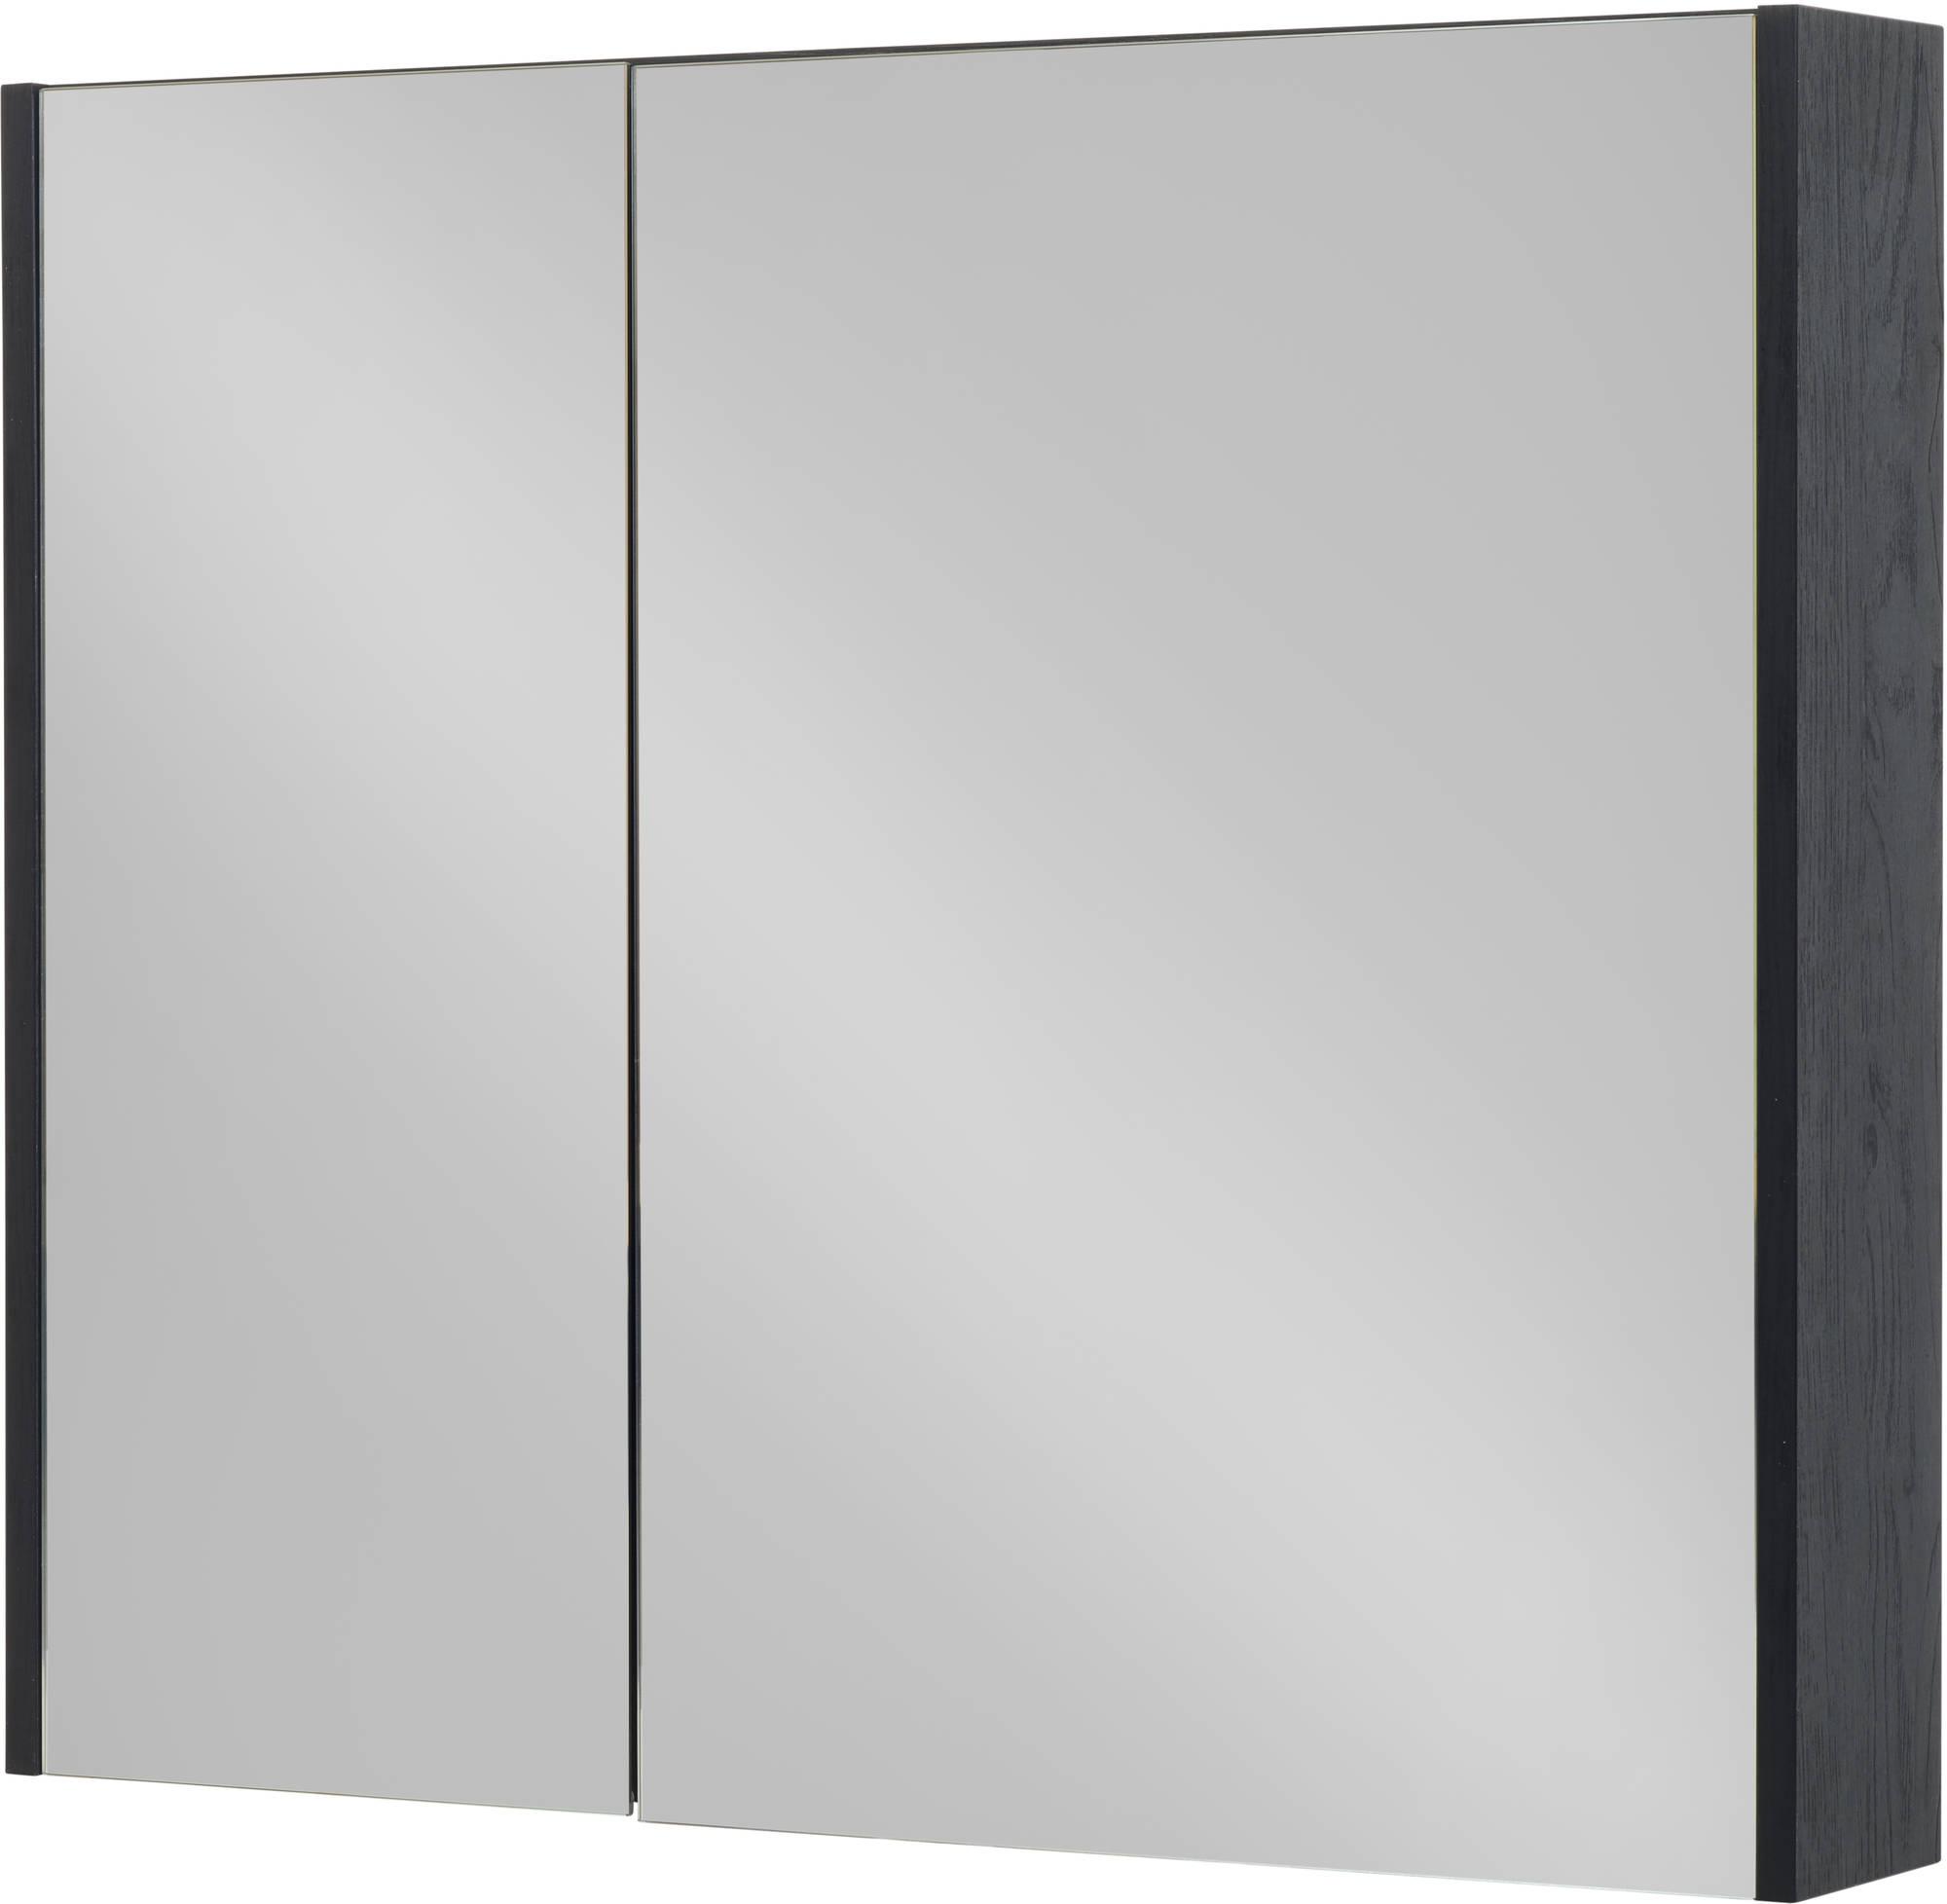 Saniselect Socan Spiegelkast 80x14x70 cm Eiken Zwart